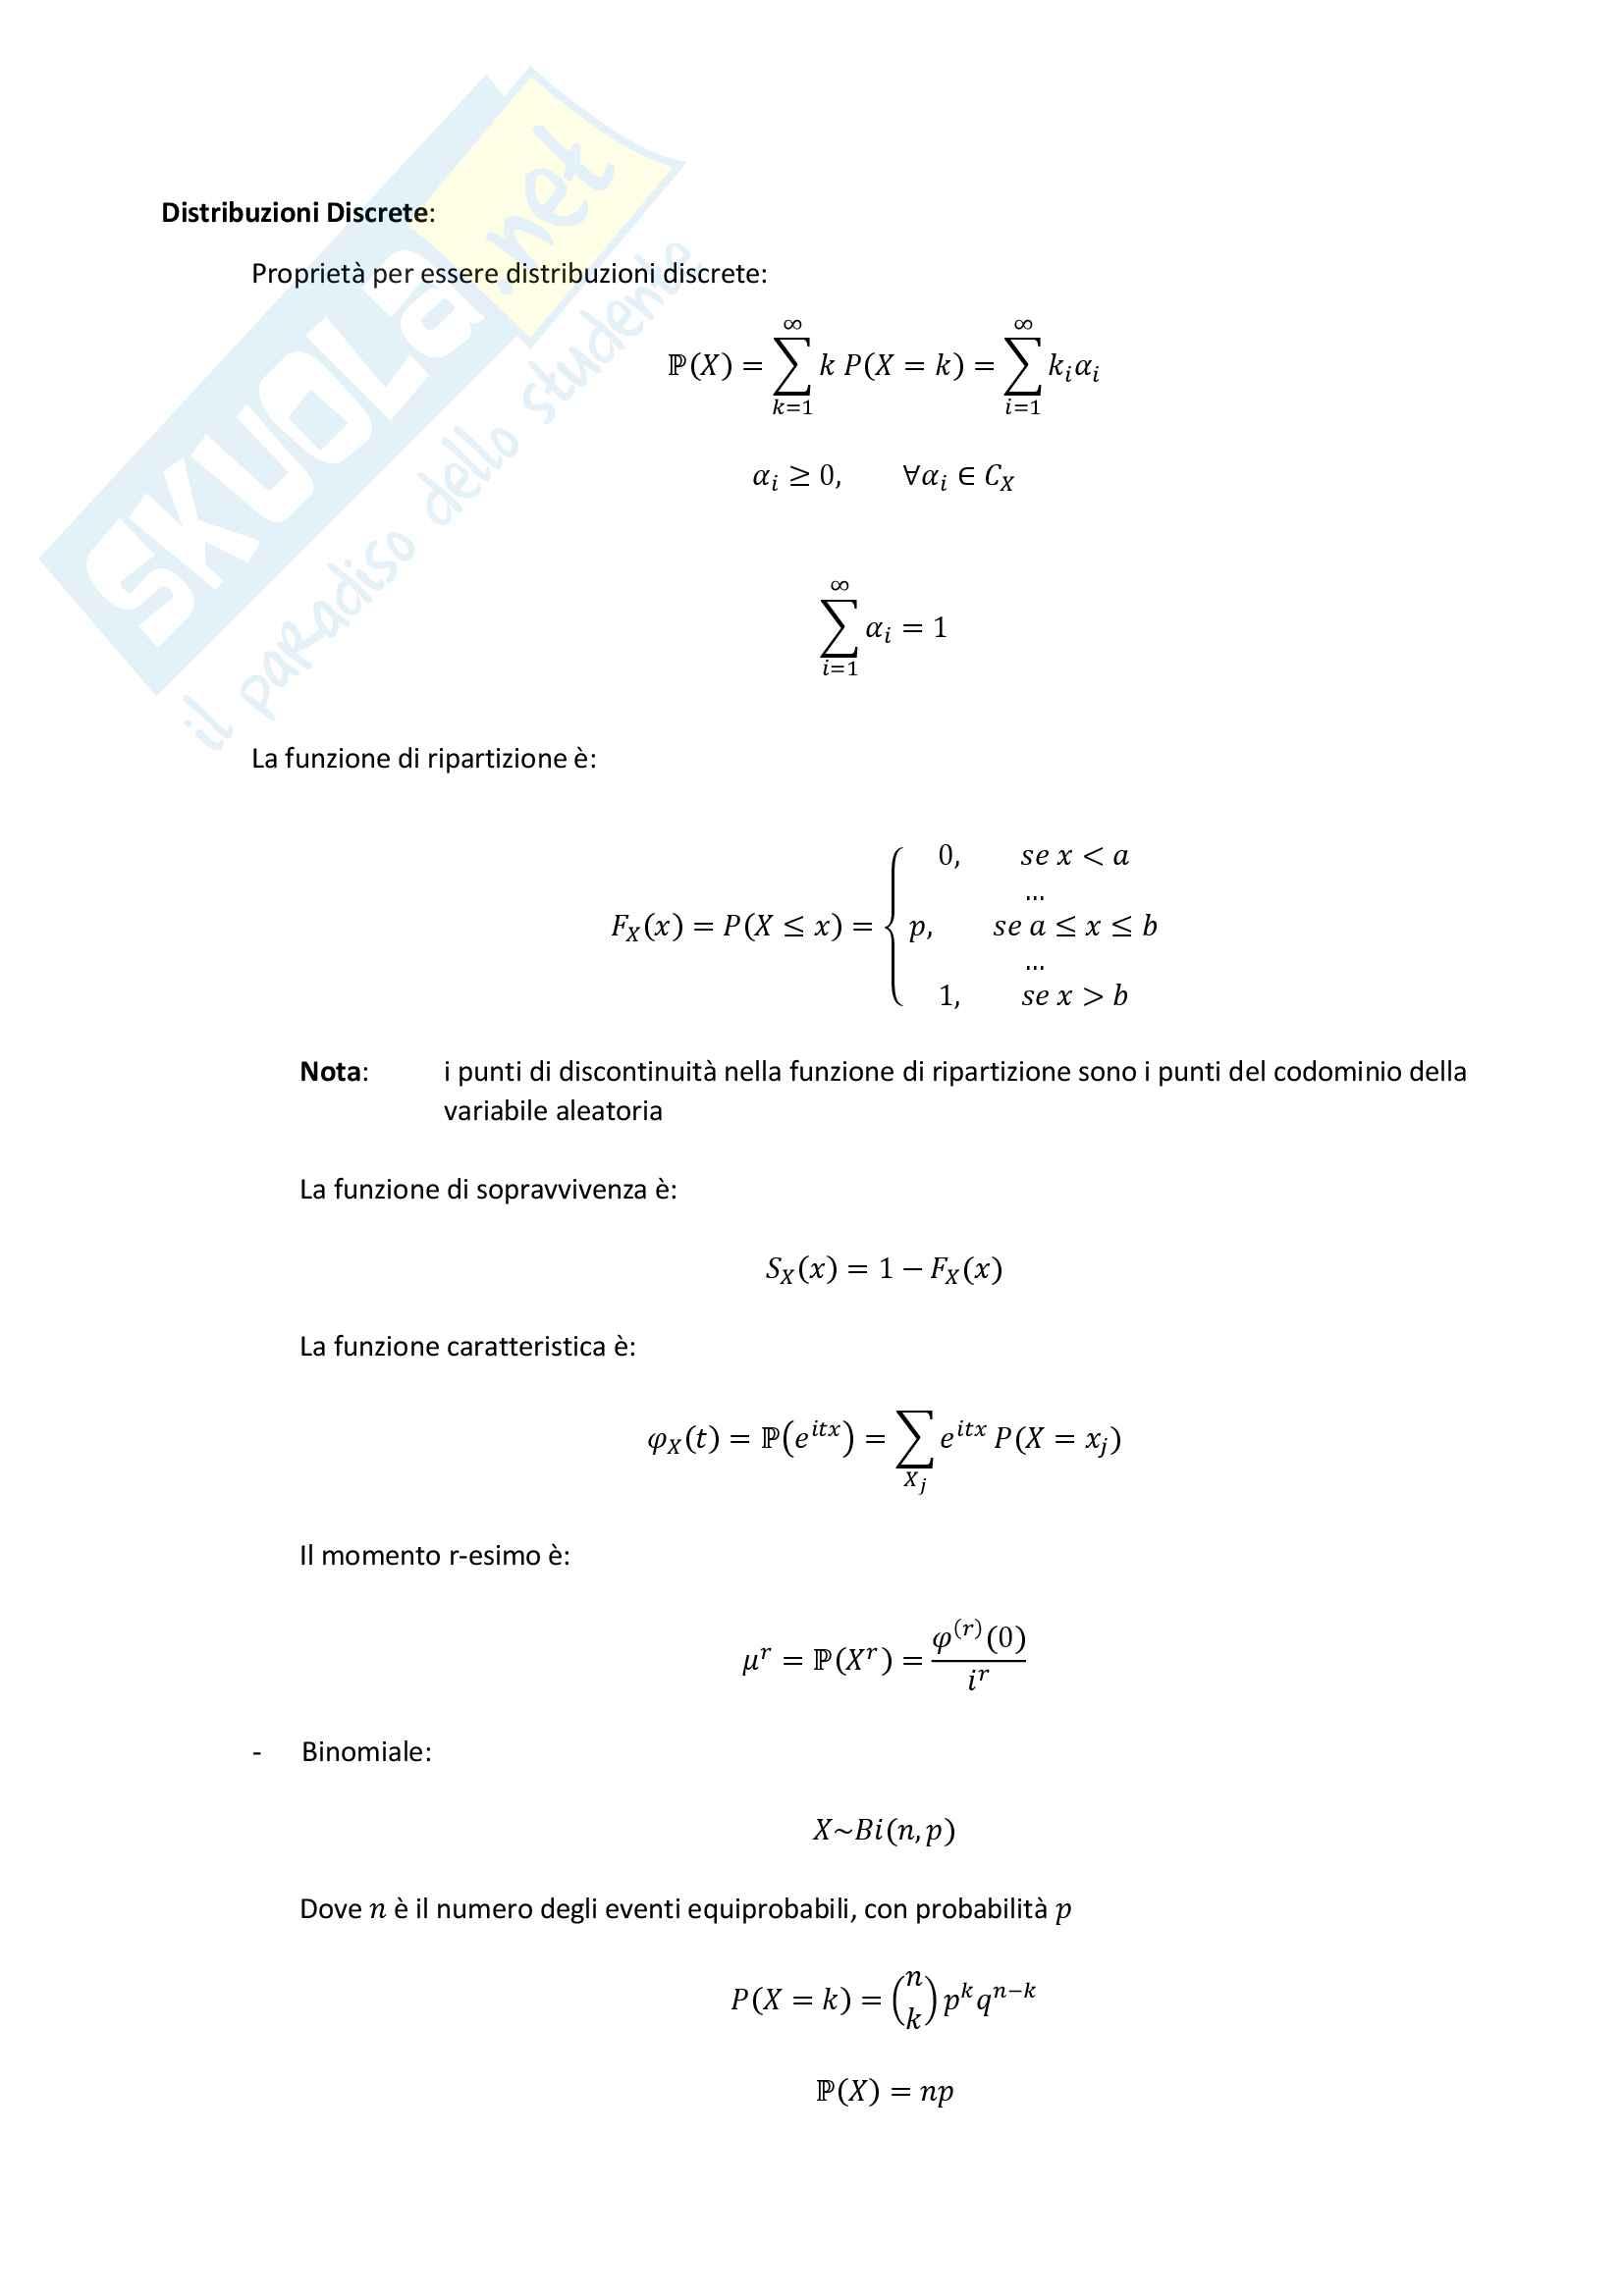 Probabilità - Distribuzioni, Rette di Regressione, Vettore Aleatorio